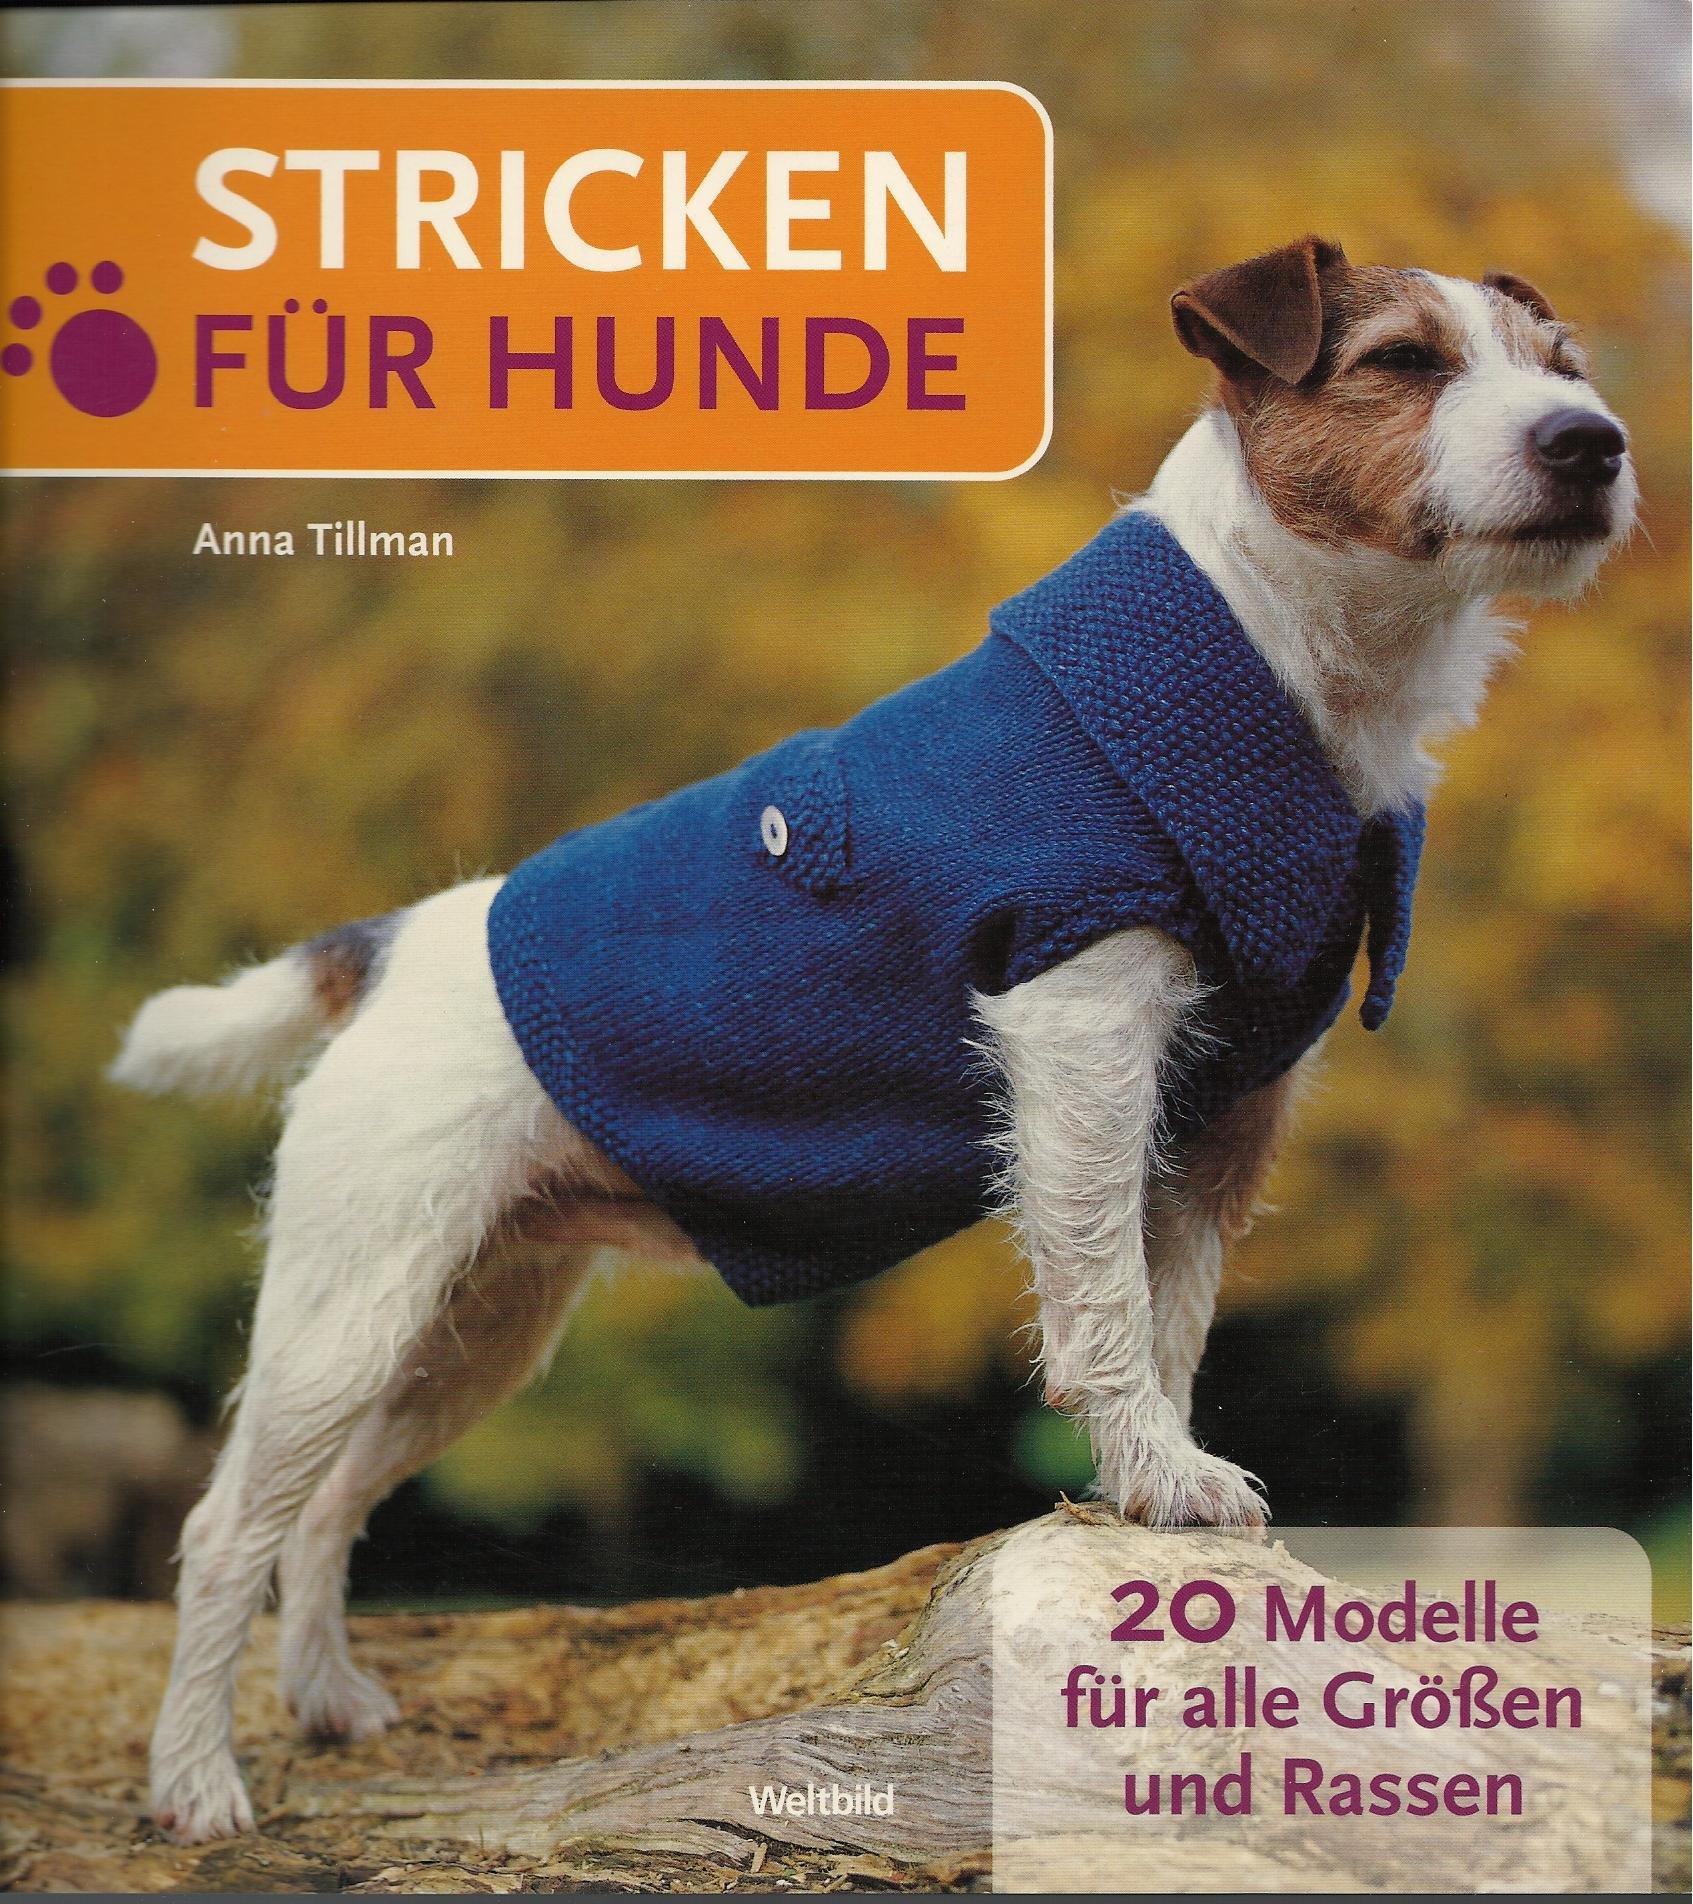 Stricken Fur Hunde 20 Modelle Fur Alle Grossen Und Rassen Amazon